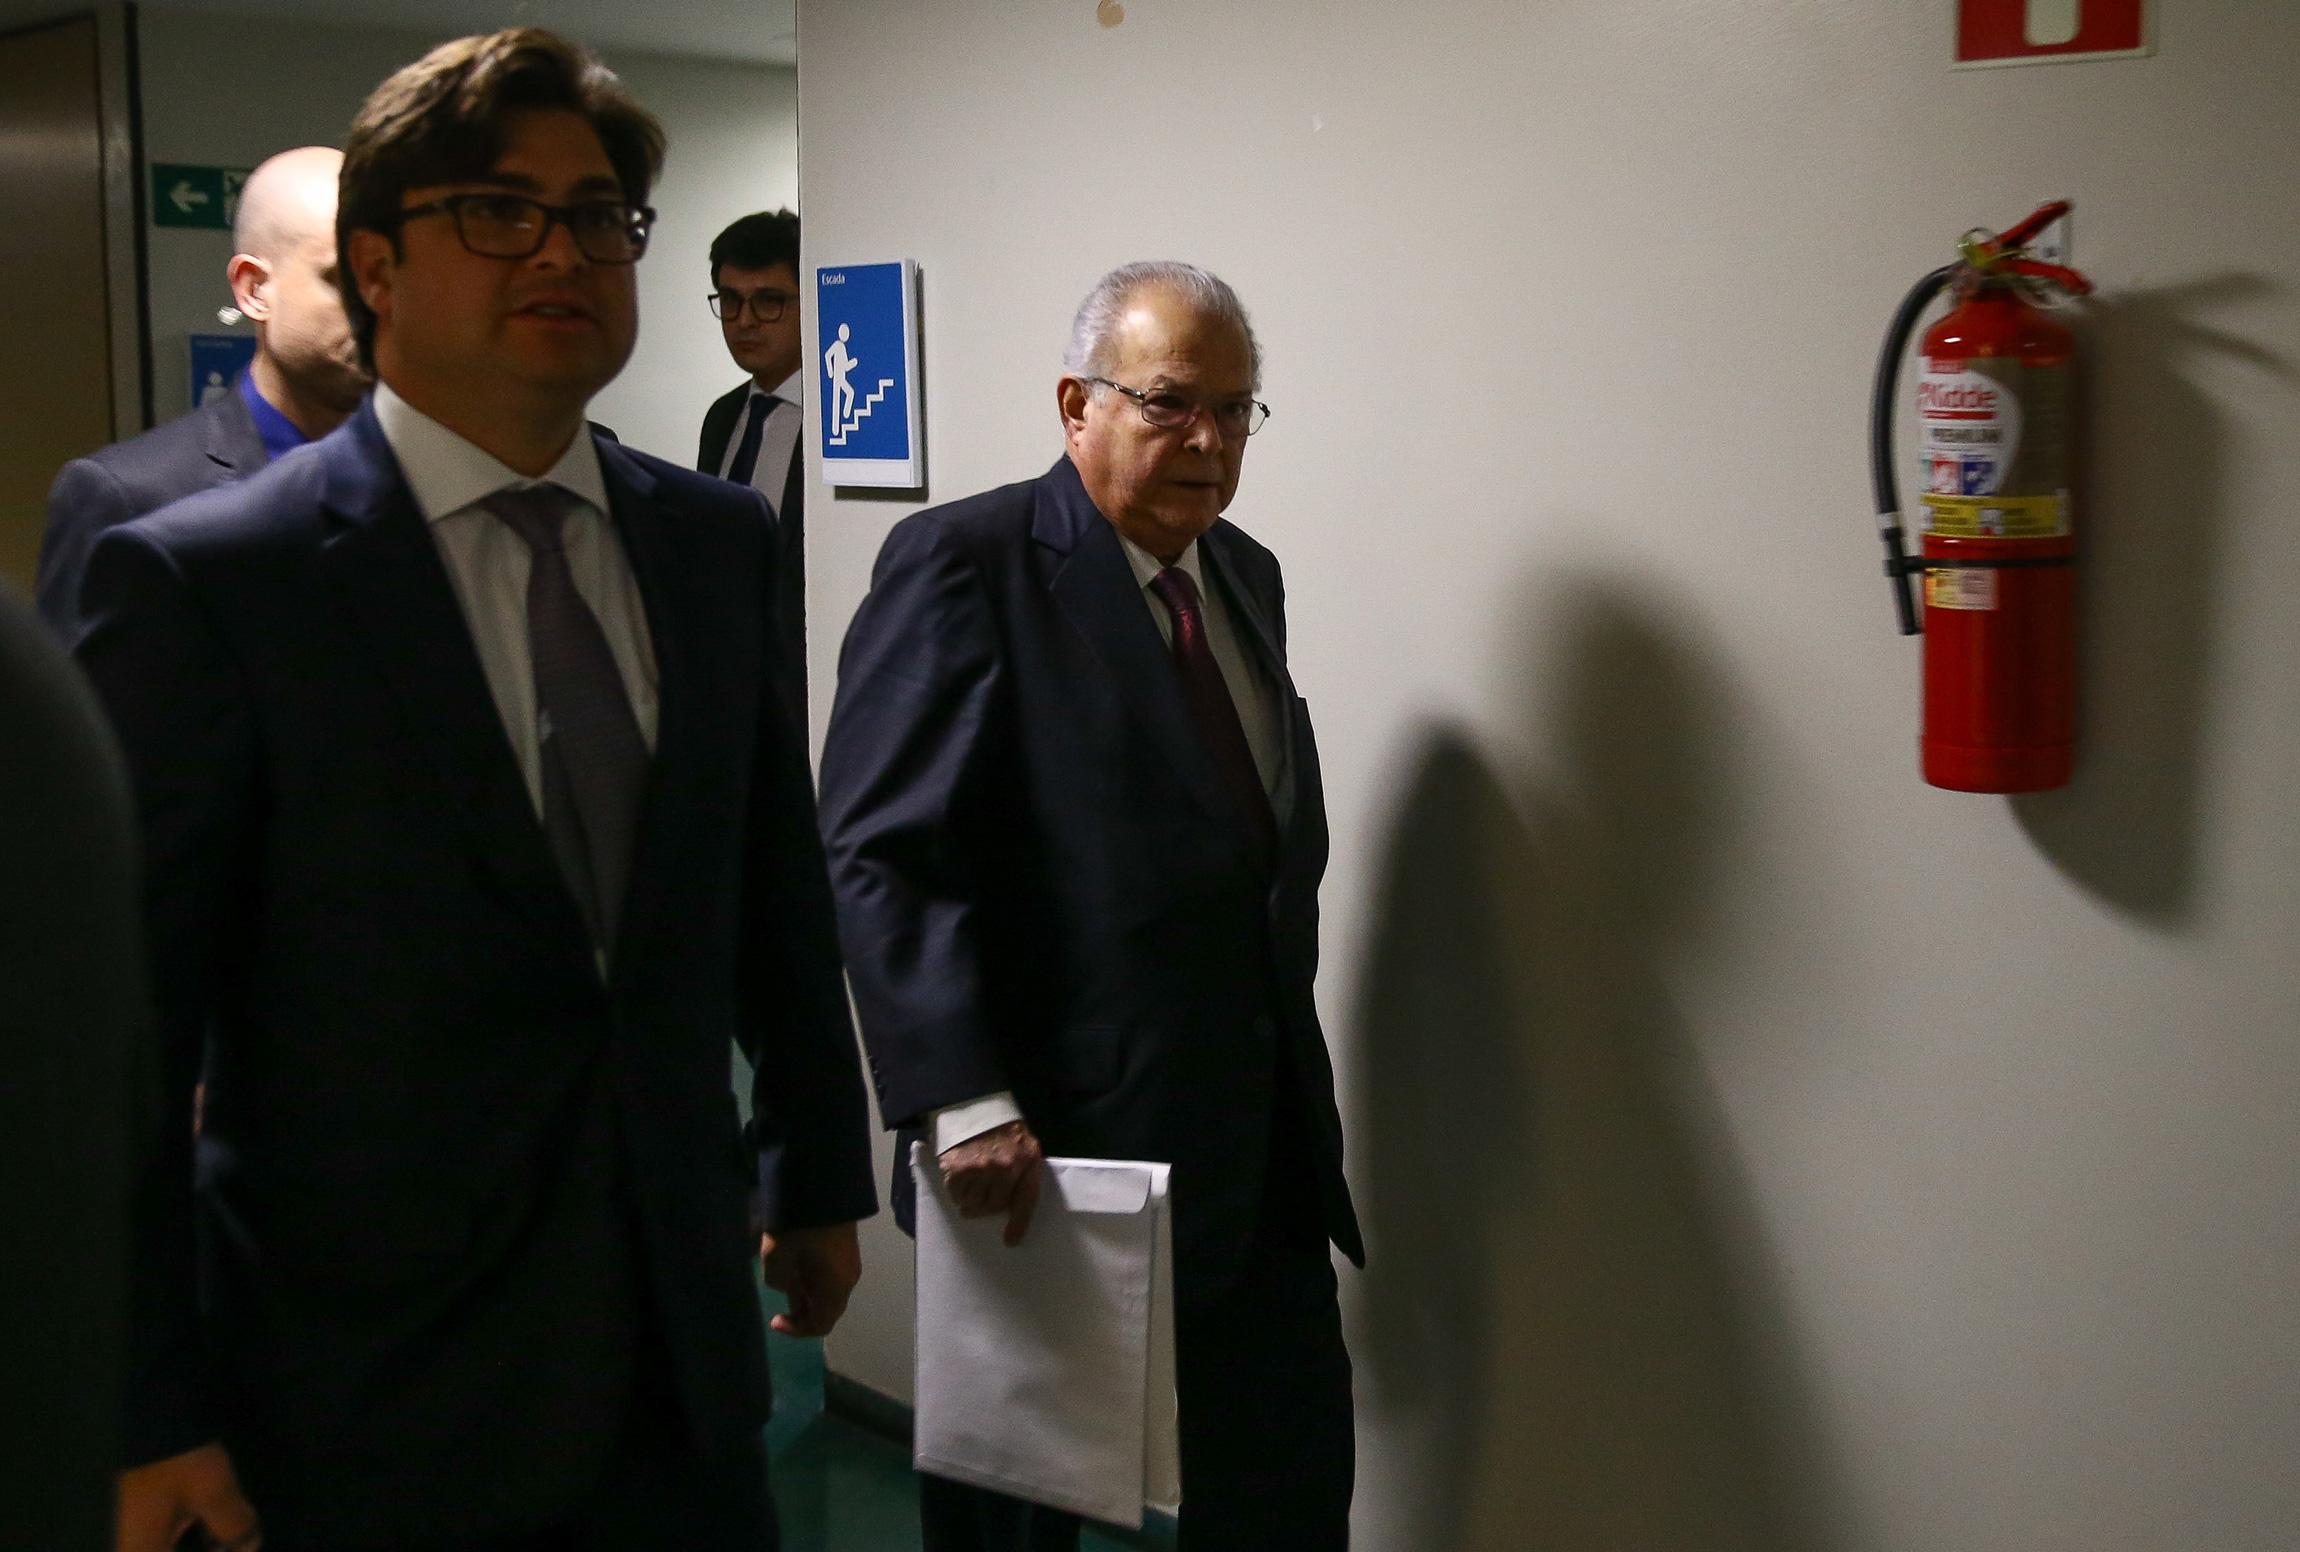 BRASÍLIA, DF, 03-07-2019: EMÍLIO-ODEBRECHT - O empresário Emílio Odebrecht chega ao plenário onde a CPI do BNDES irá se reunir para ouvi-lo, na Câmara dos Deputados. (Foto: Pedro Ladeira/Folhapress)